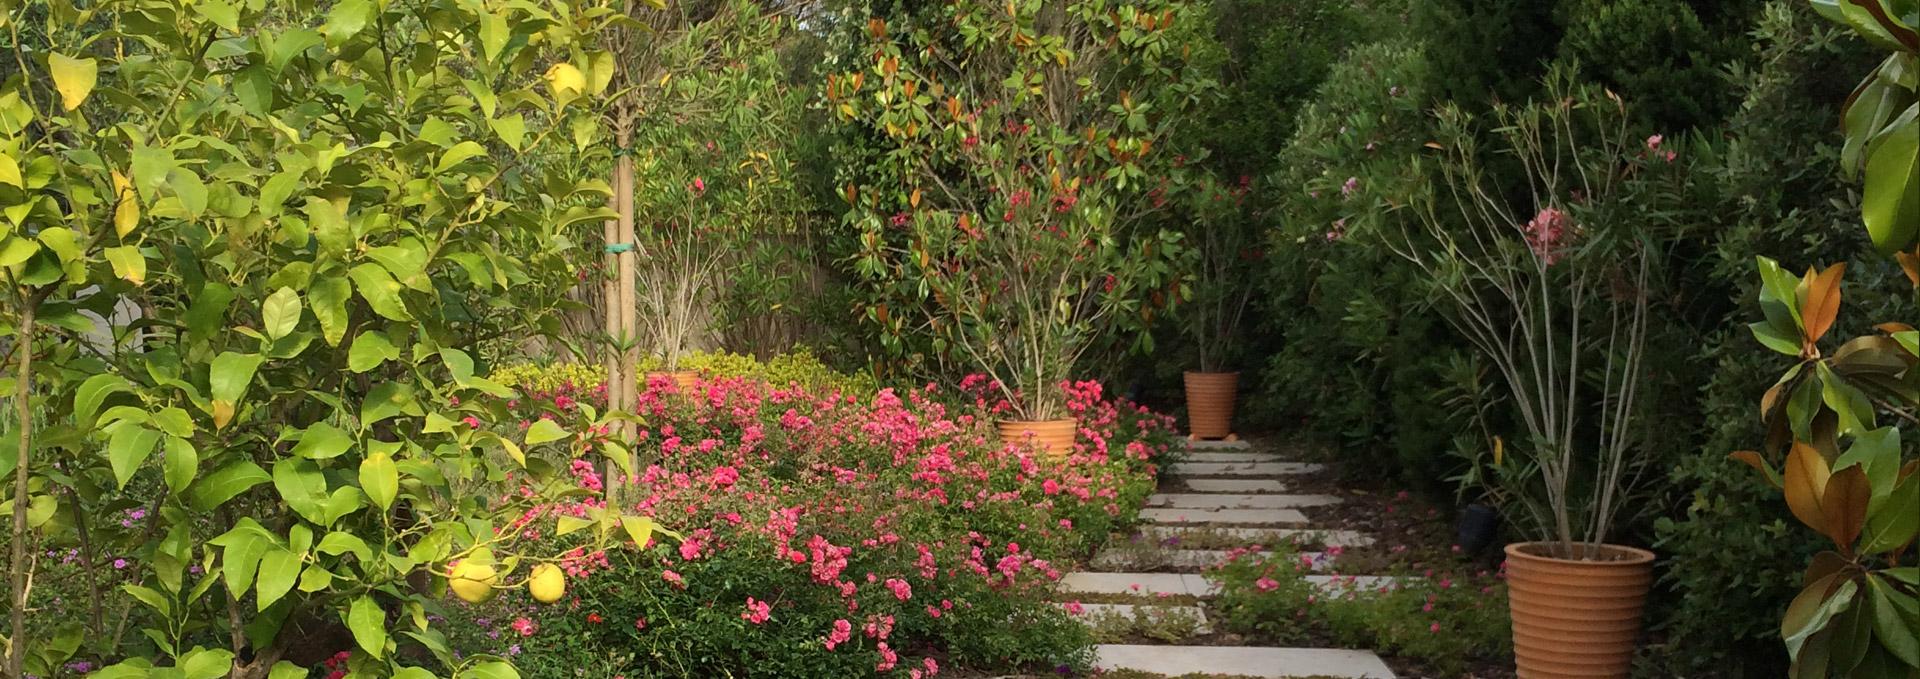 Gros pins jardinier paysagiste hy res var toulon am nagement paysager entretien espace vert 83 for Paysagiste toulon